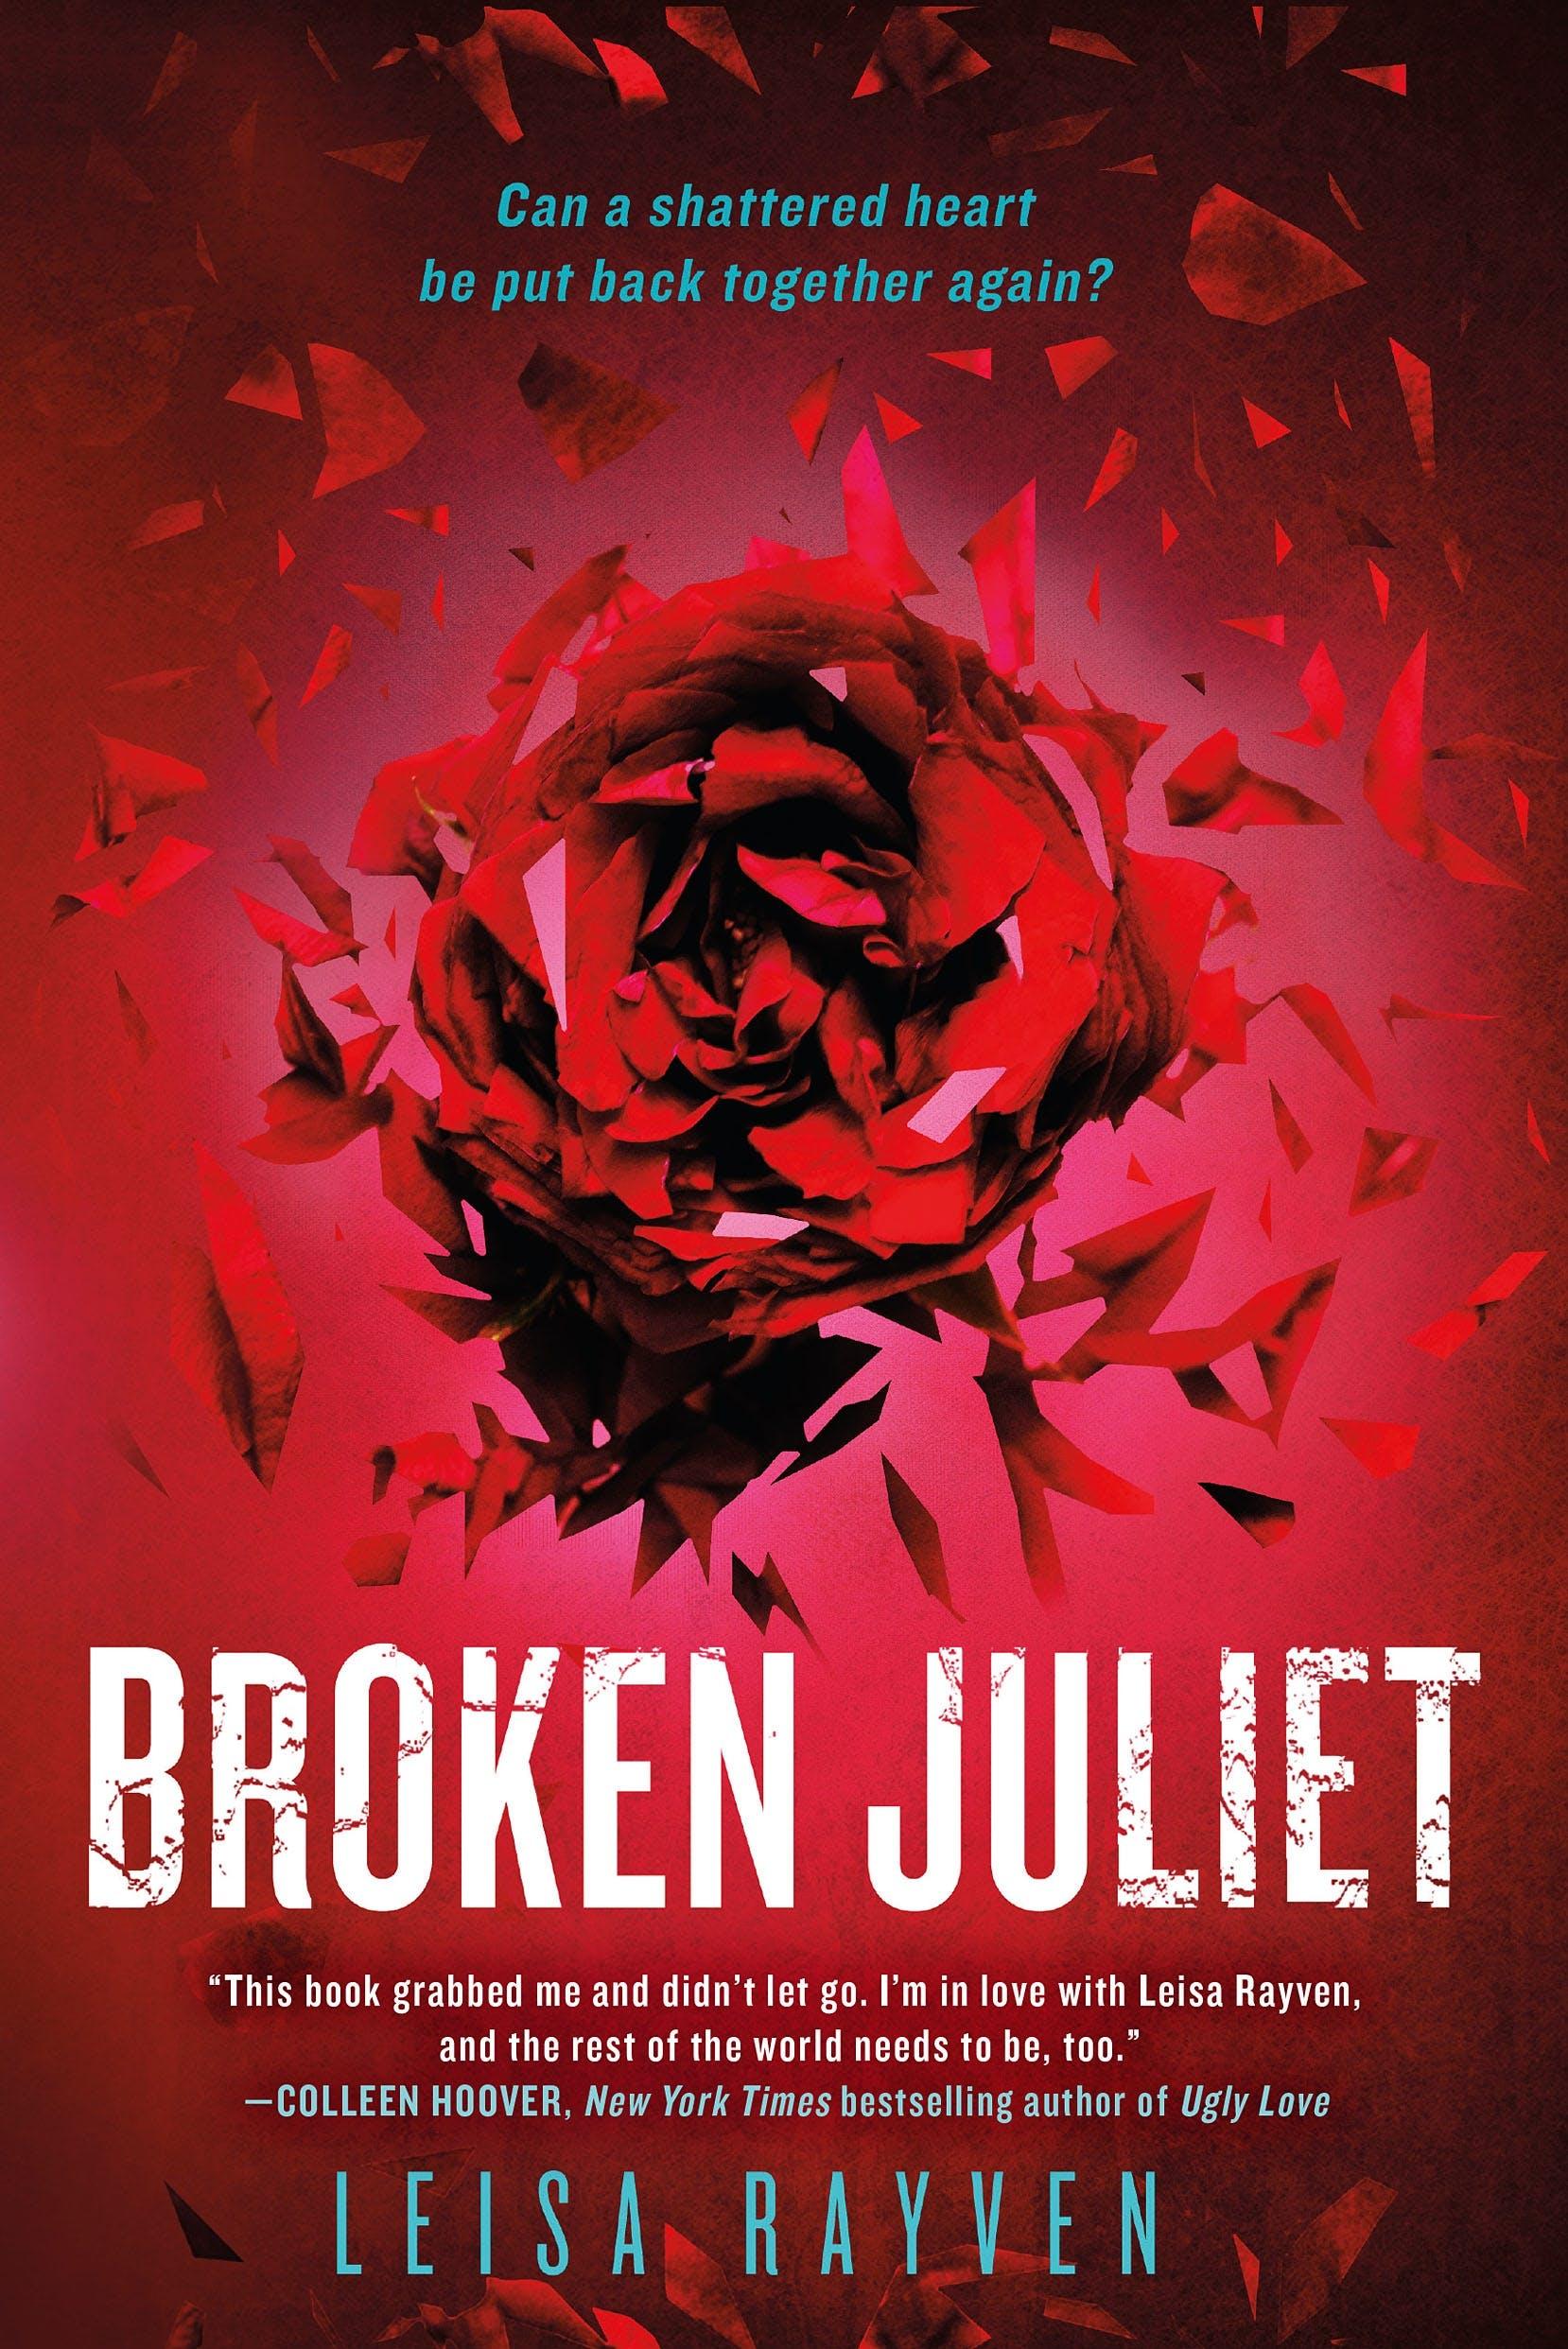 Image of Broken Juliet